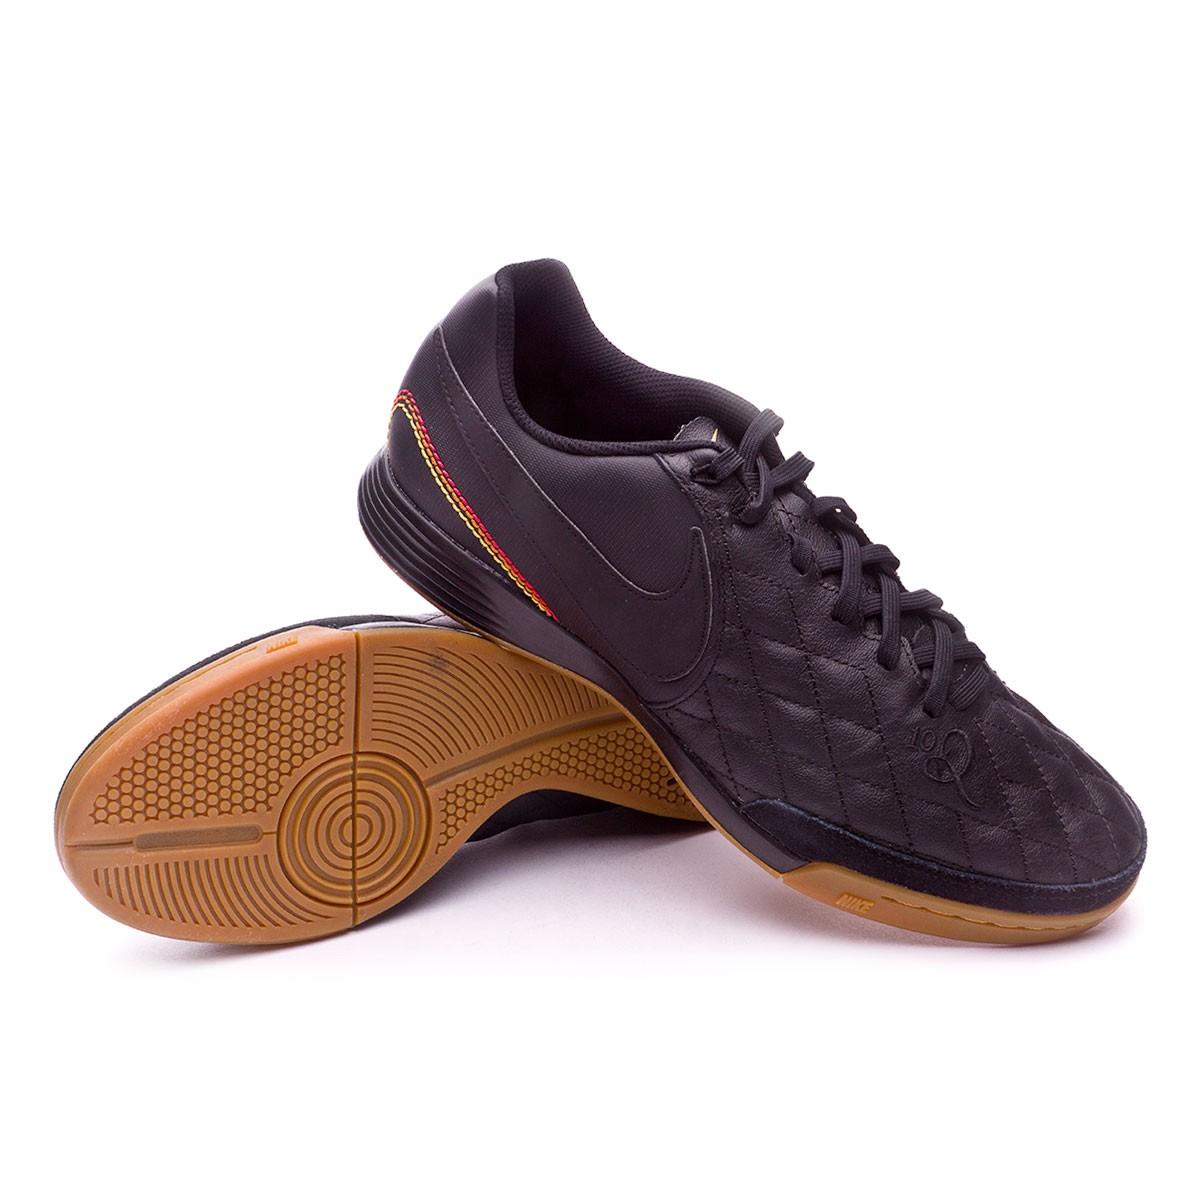 1f5dad111 Nike TiempoX Ligera IV 10R Paris IC Futsal Boot. Black-Metallic gold ...